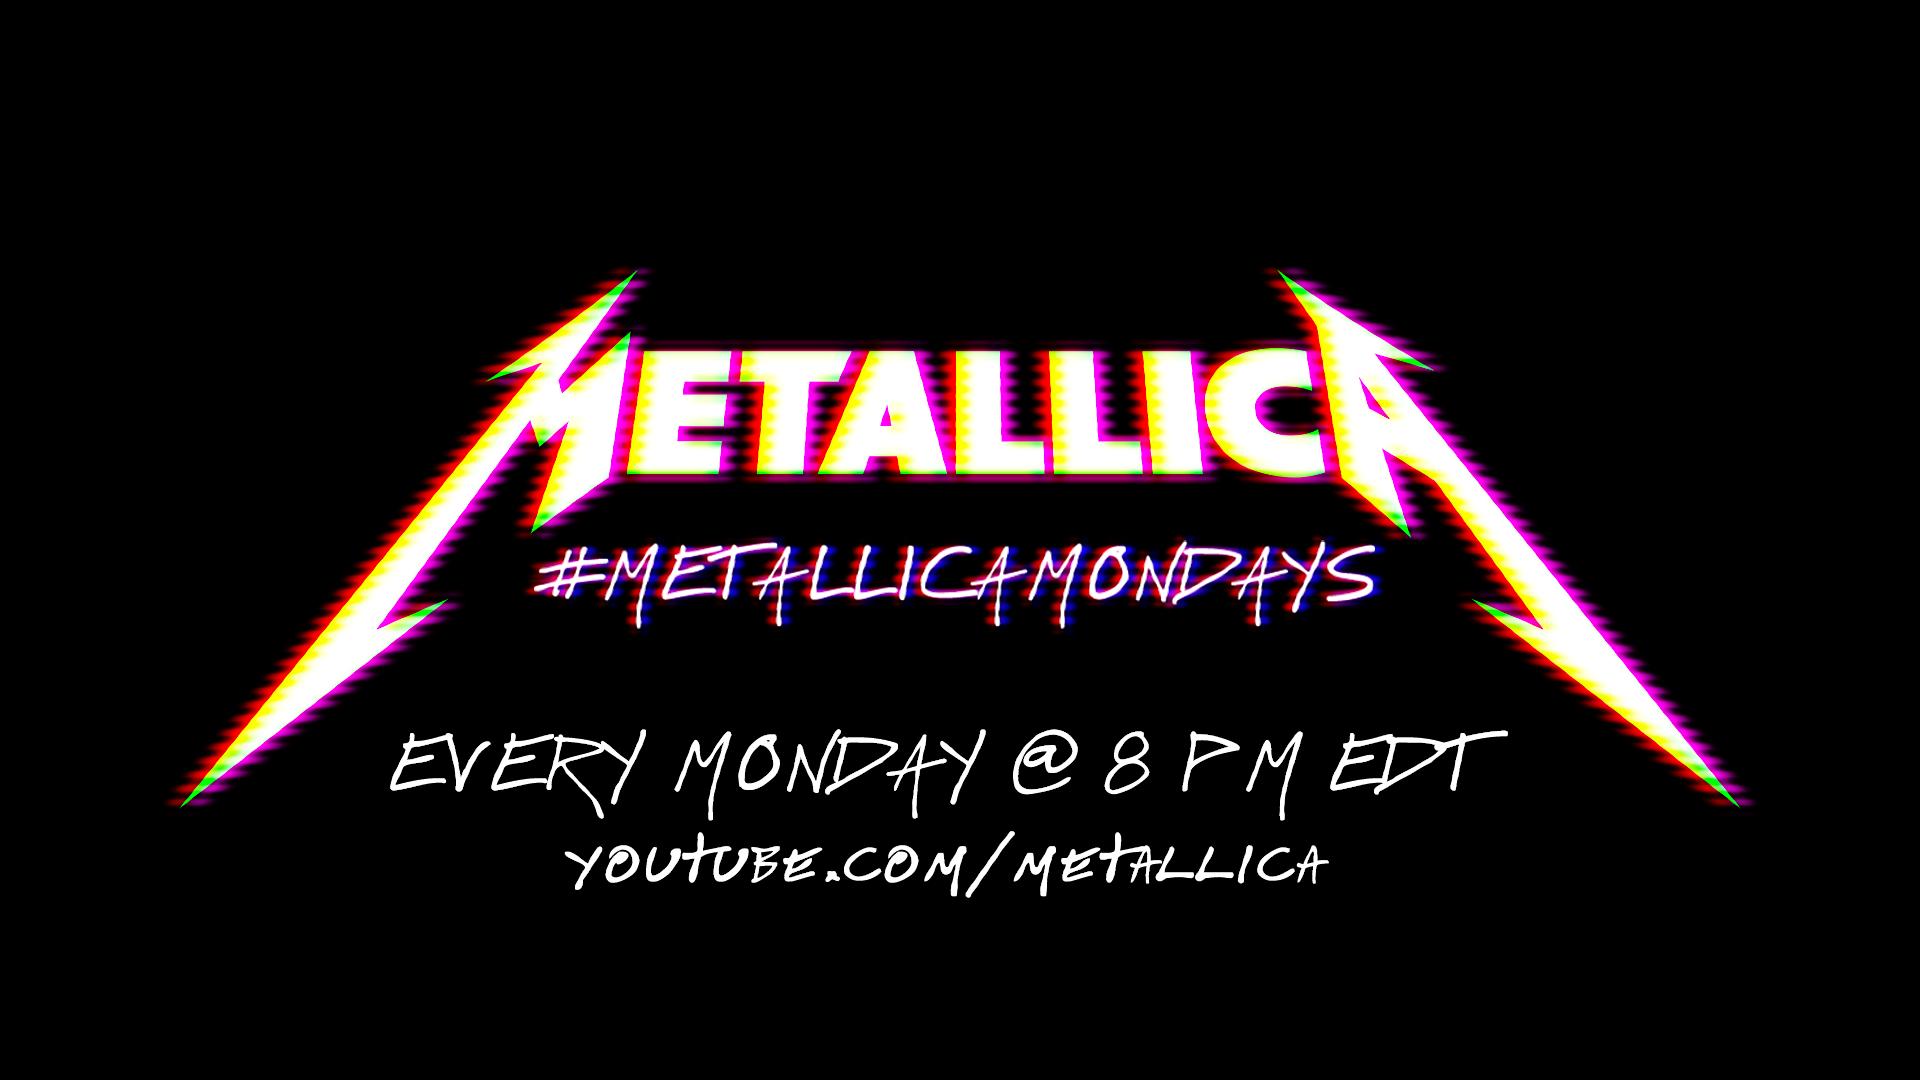 Metallica publica conciertos cada lunes en su canal de YouTube.